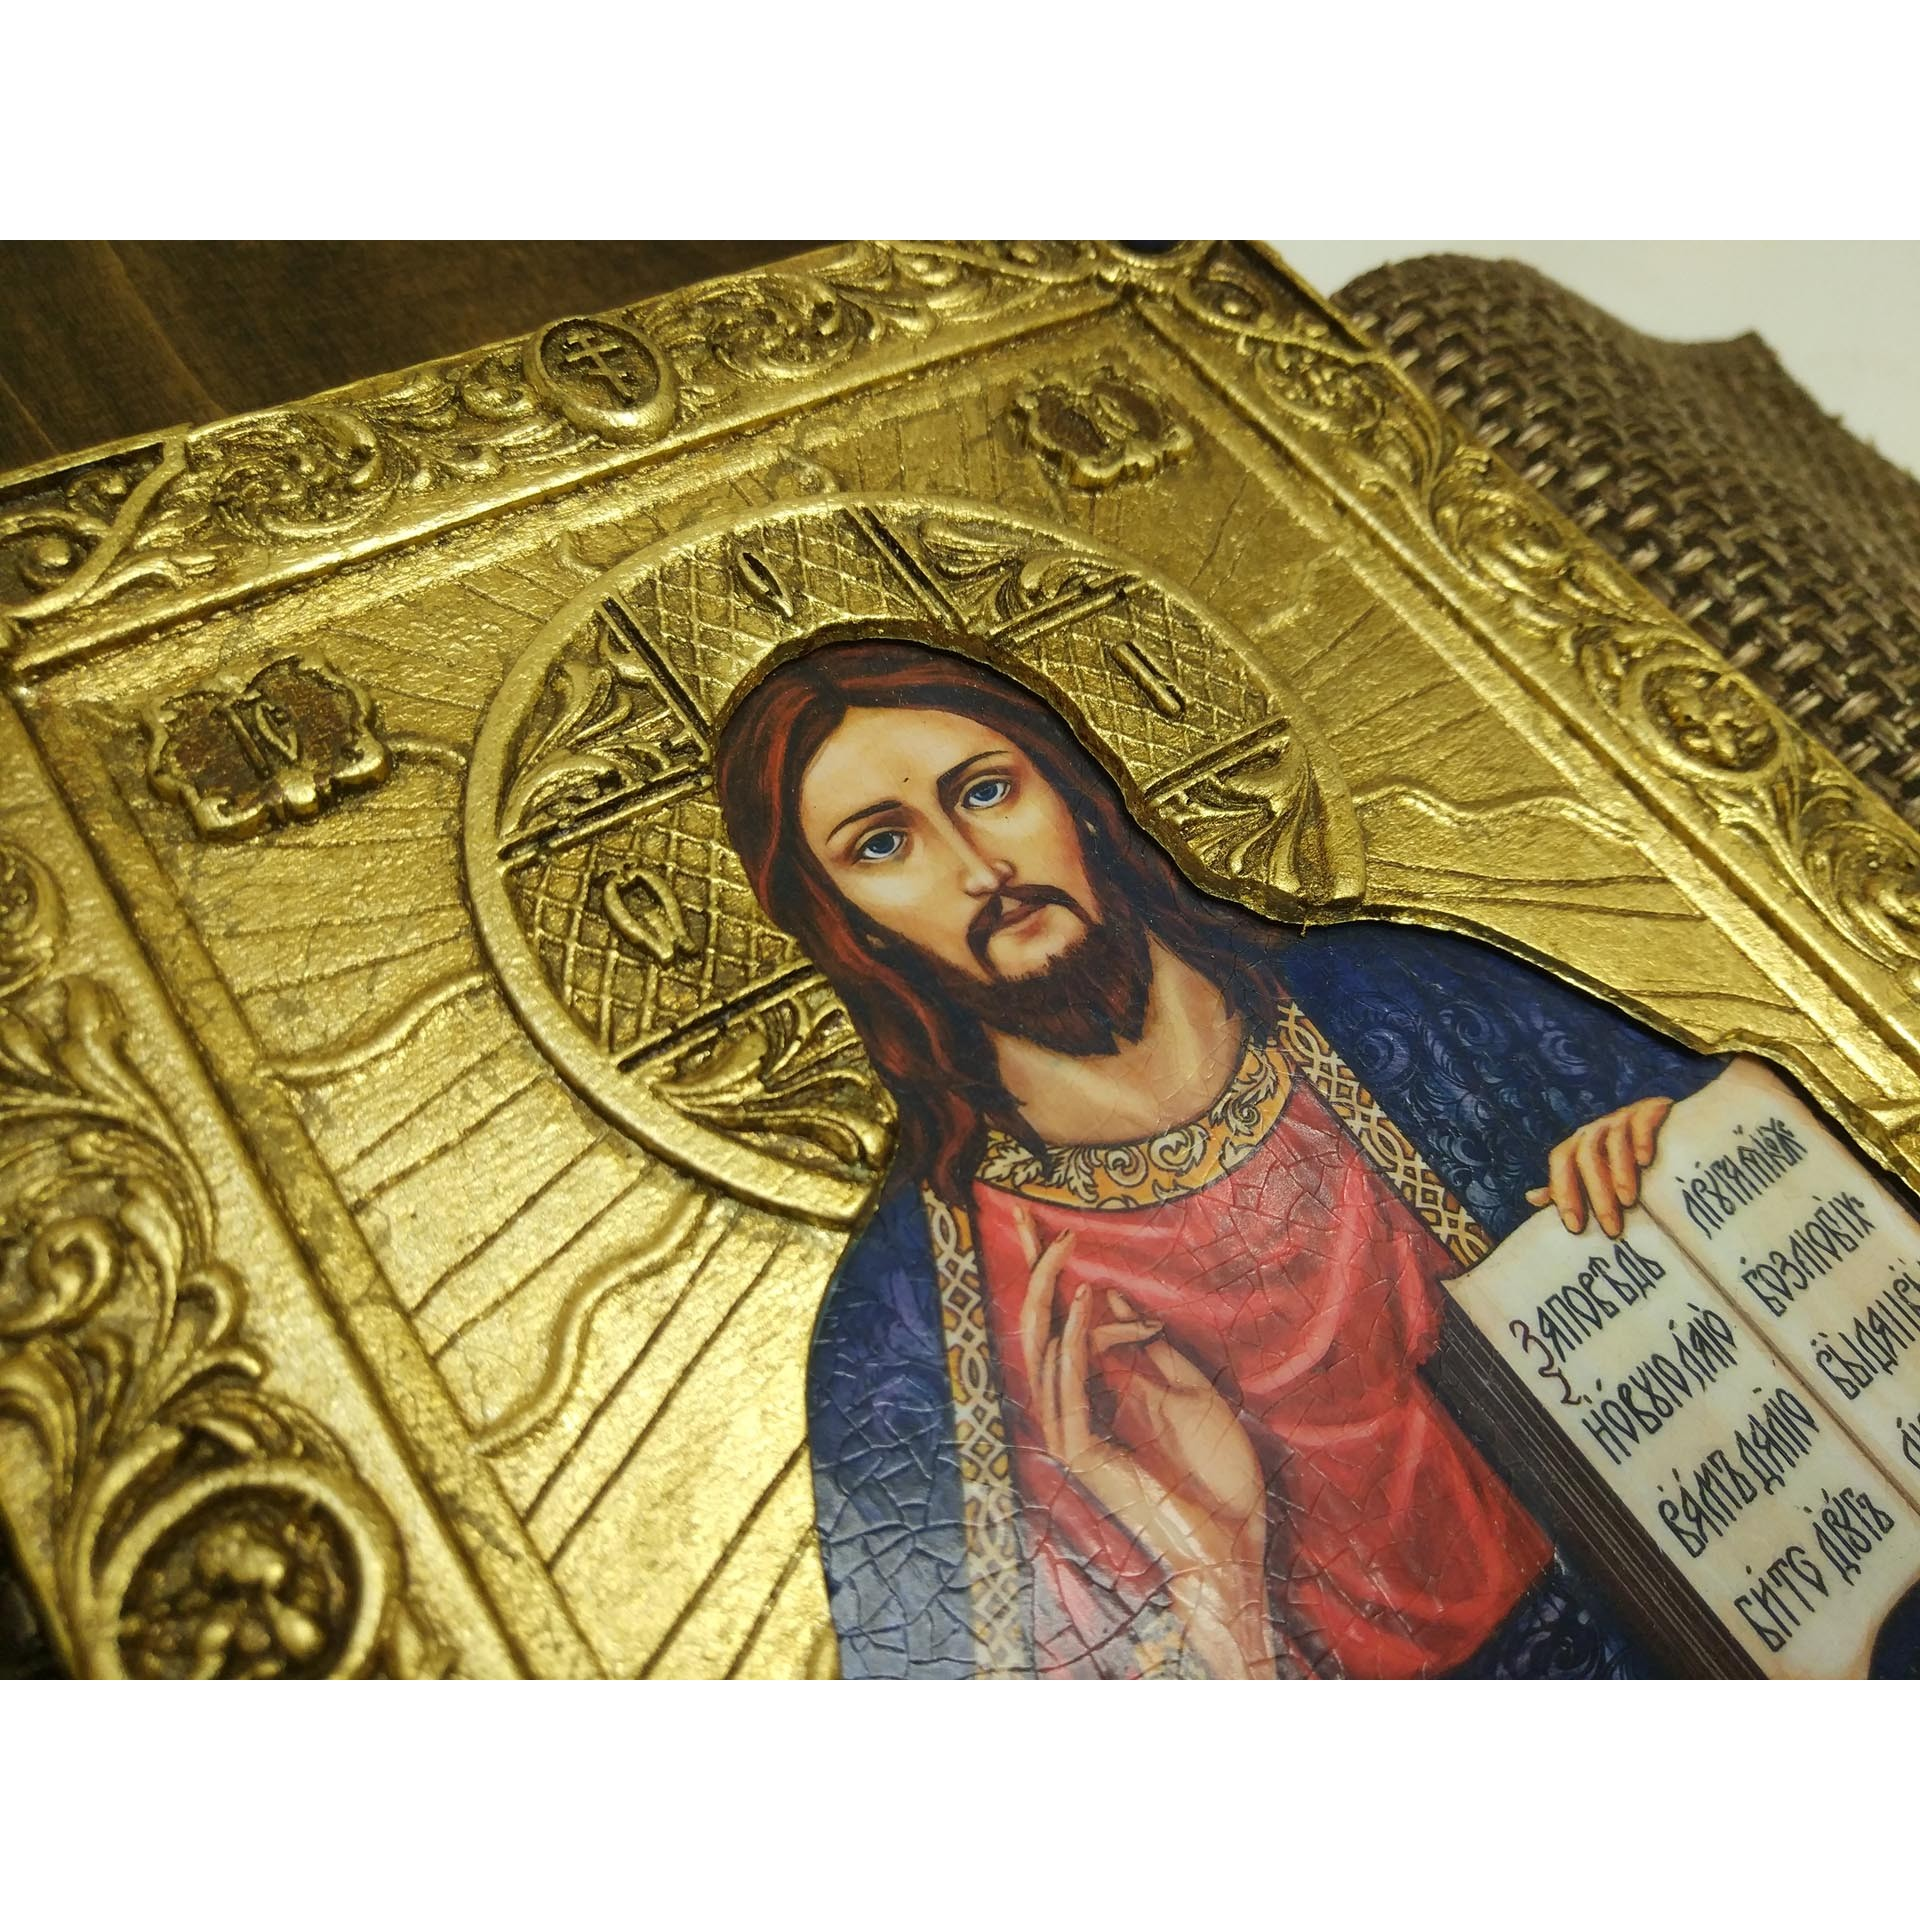 Подарочная икона Иисуса Христа с камнями